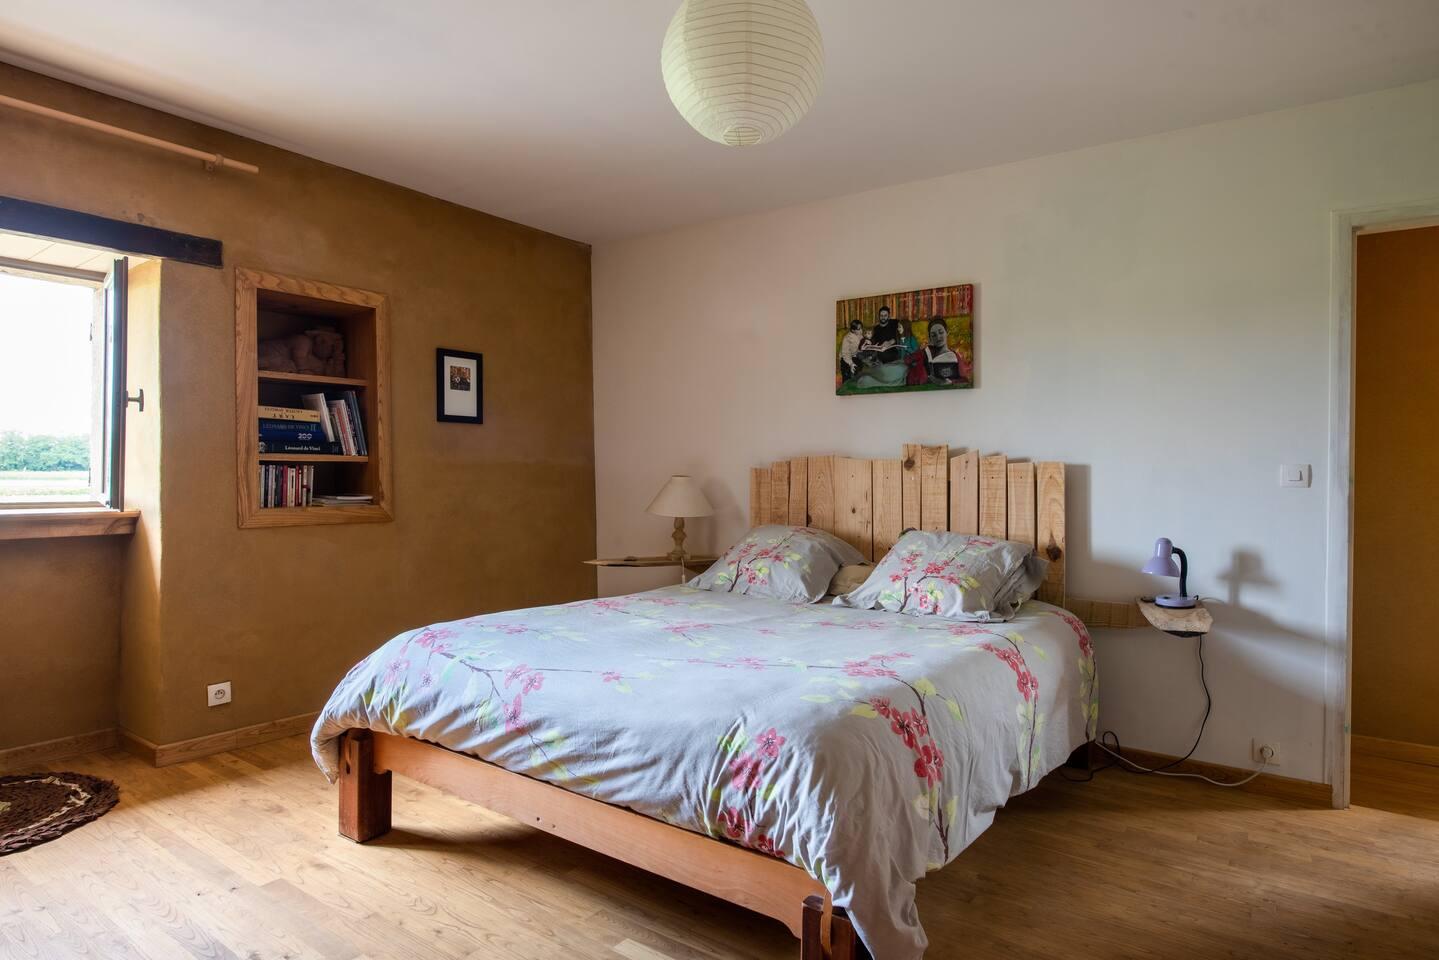 Le lit avec sa belle tête de lit en bois de pin non traité créée par Samuel